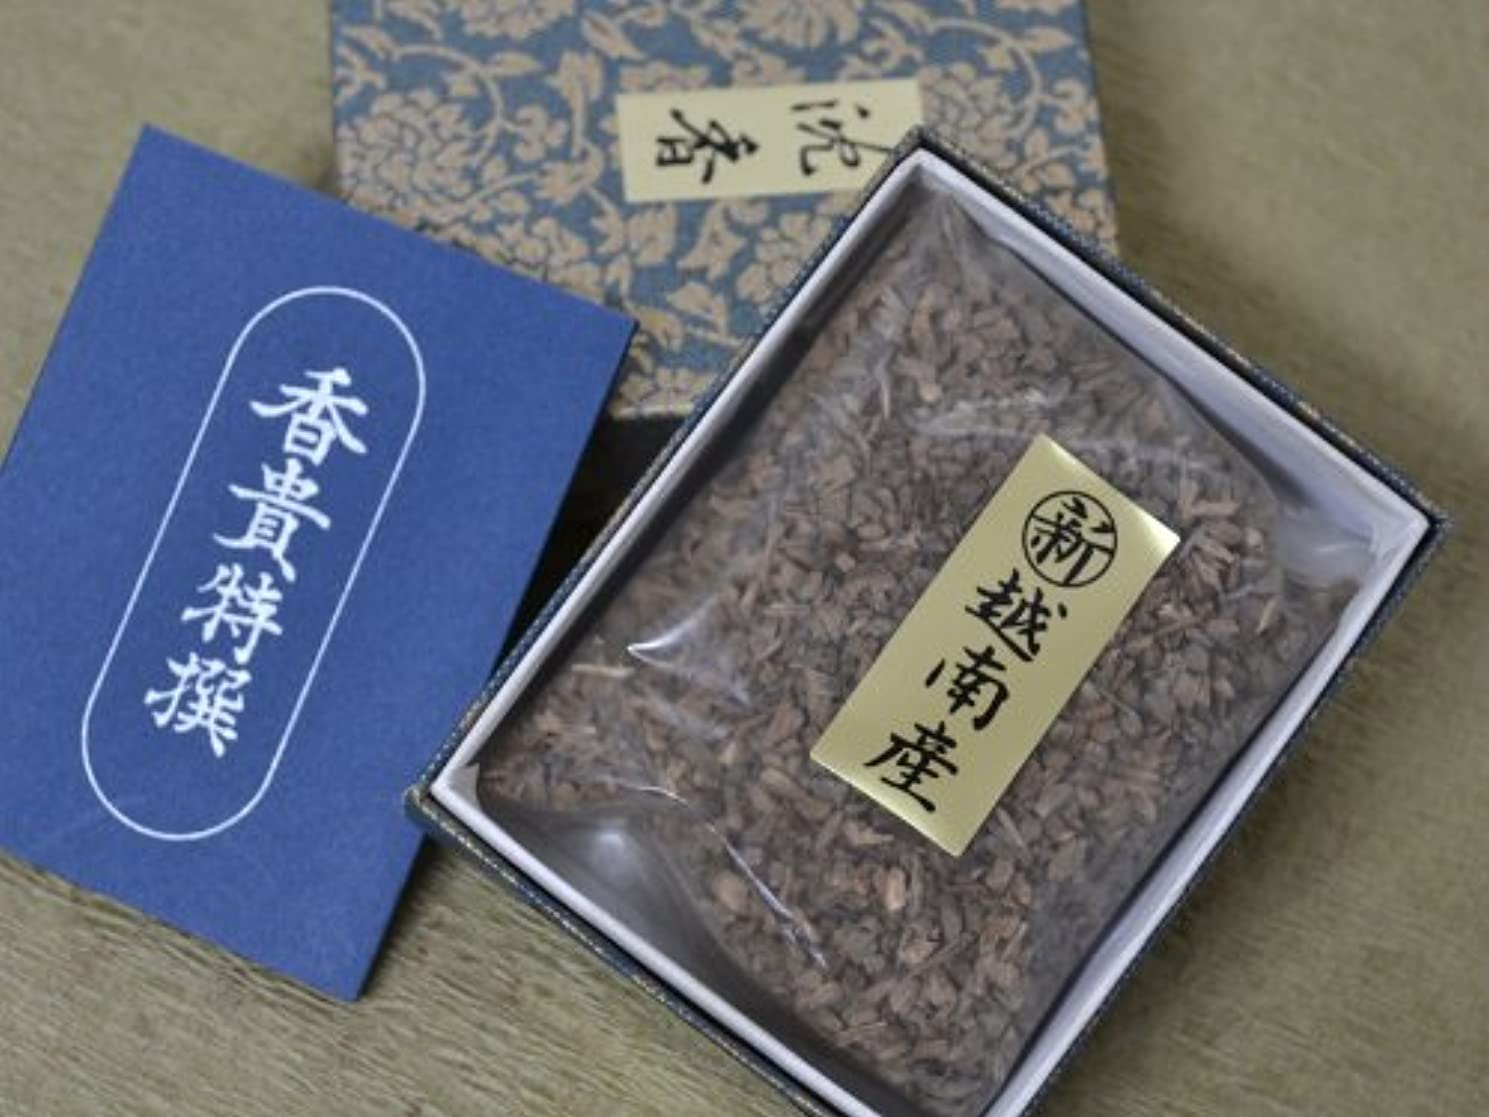 服フォルダ年金香木 お焼香 新ベトナム産 沈香 【最高級品】 18g